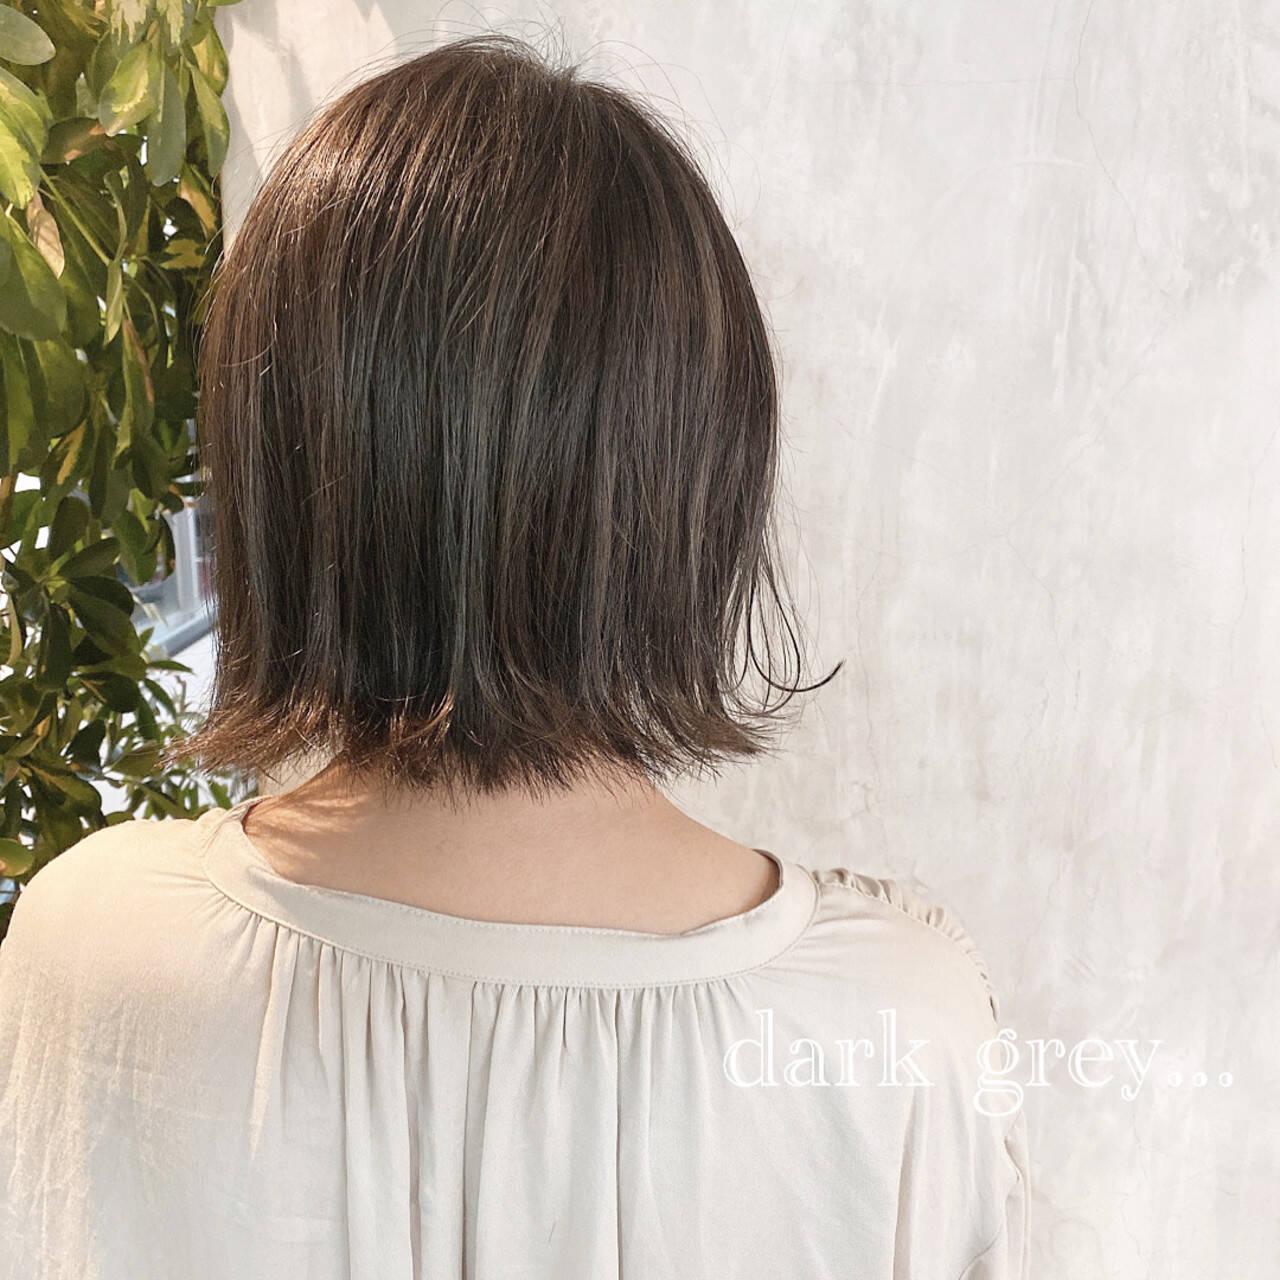 切りっぱなしボブ デザインカラー ボブ 3Dハイライトヘアスタイルや髪型の写真・画像